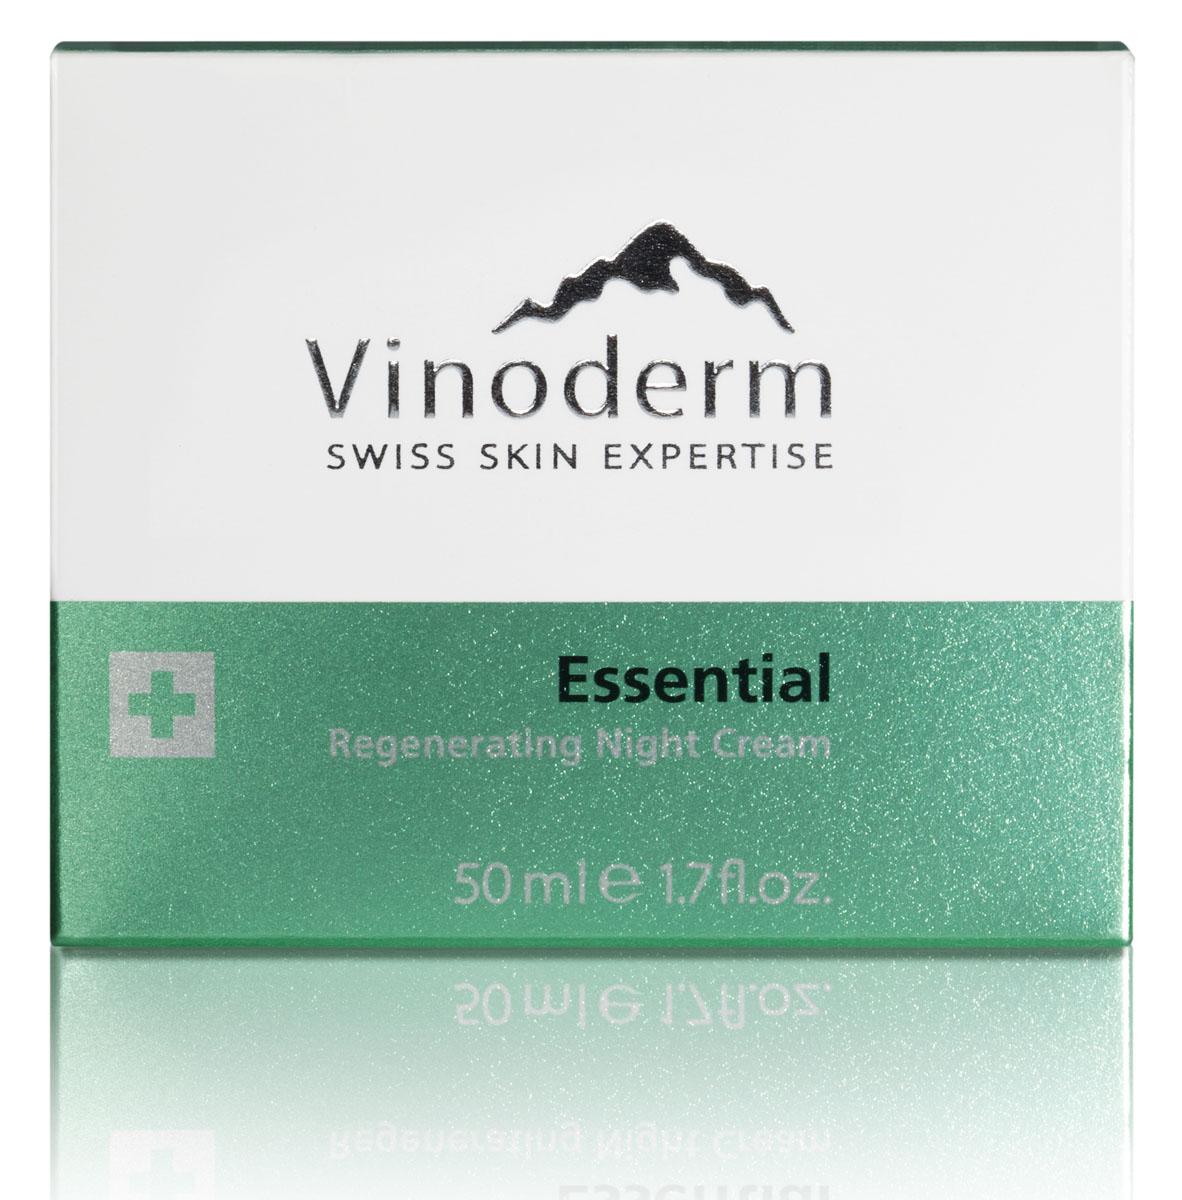 Vinoderm Крем ночной Essential регенерирующий для лица 50мл38010Смягчающий ночной крем нейтрализует воздействие стресса и негативных факторов окружающей среды. Благодаря экстрактам виноградной косточки, дрожжей и белого лотоса, запускается процесс обновления клеток кожи и поддерживается работа ее собственной защитной системы. Комплекс натуральных компонентов успокаивает и интенсивно увлажняет кожу в течение всей ночи. Ночь за ночью, крем эффективно восстанавливает кожу, борясь с ежедневным стрессом. Наутро ваша кожа выглядит гладкой и здоровой.